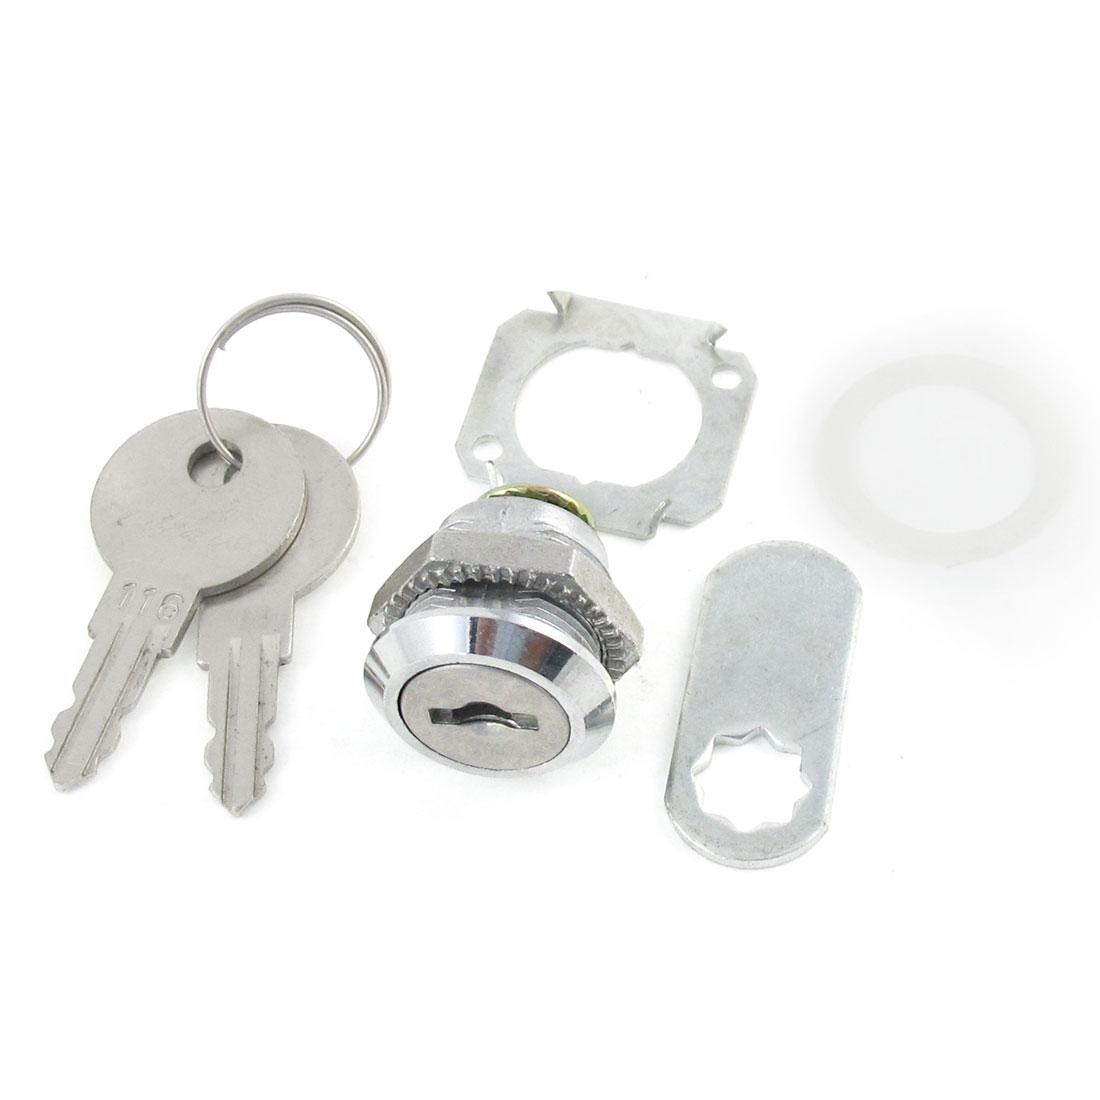 Tool Box Cabinet Locking 17mm Dia Thread Cylinder Cam Lock w 2 Keys